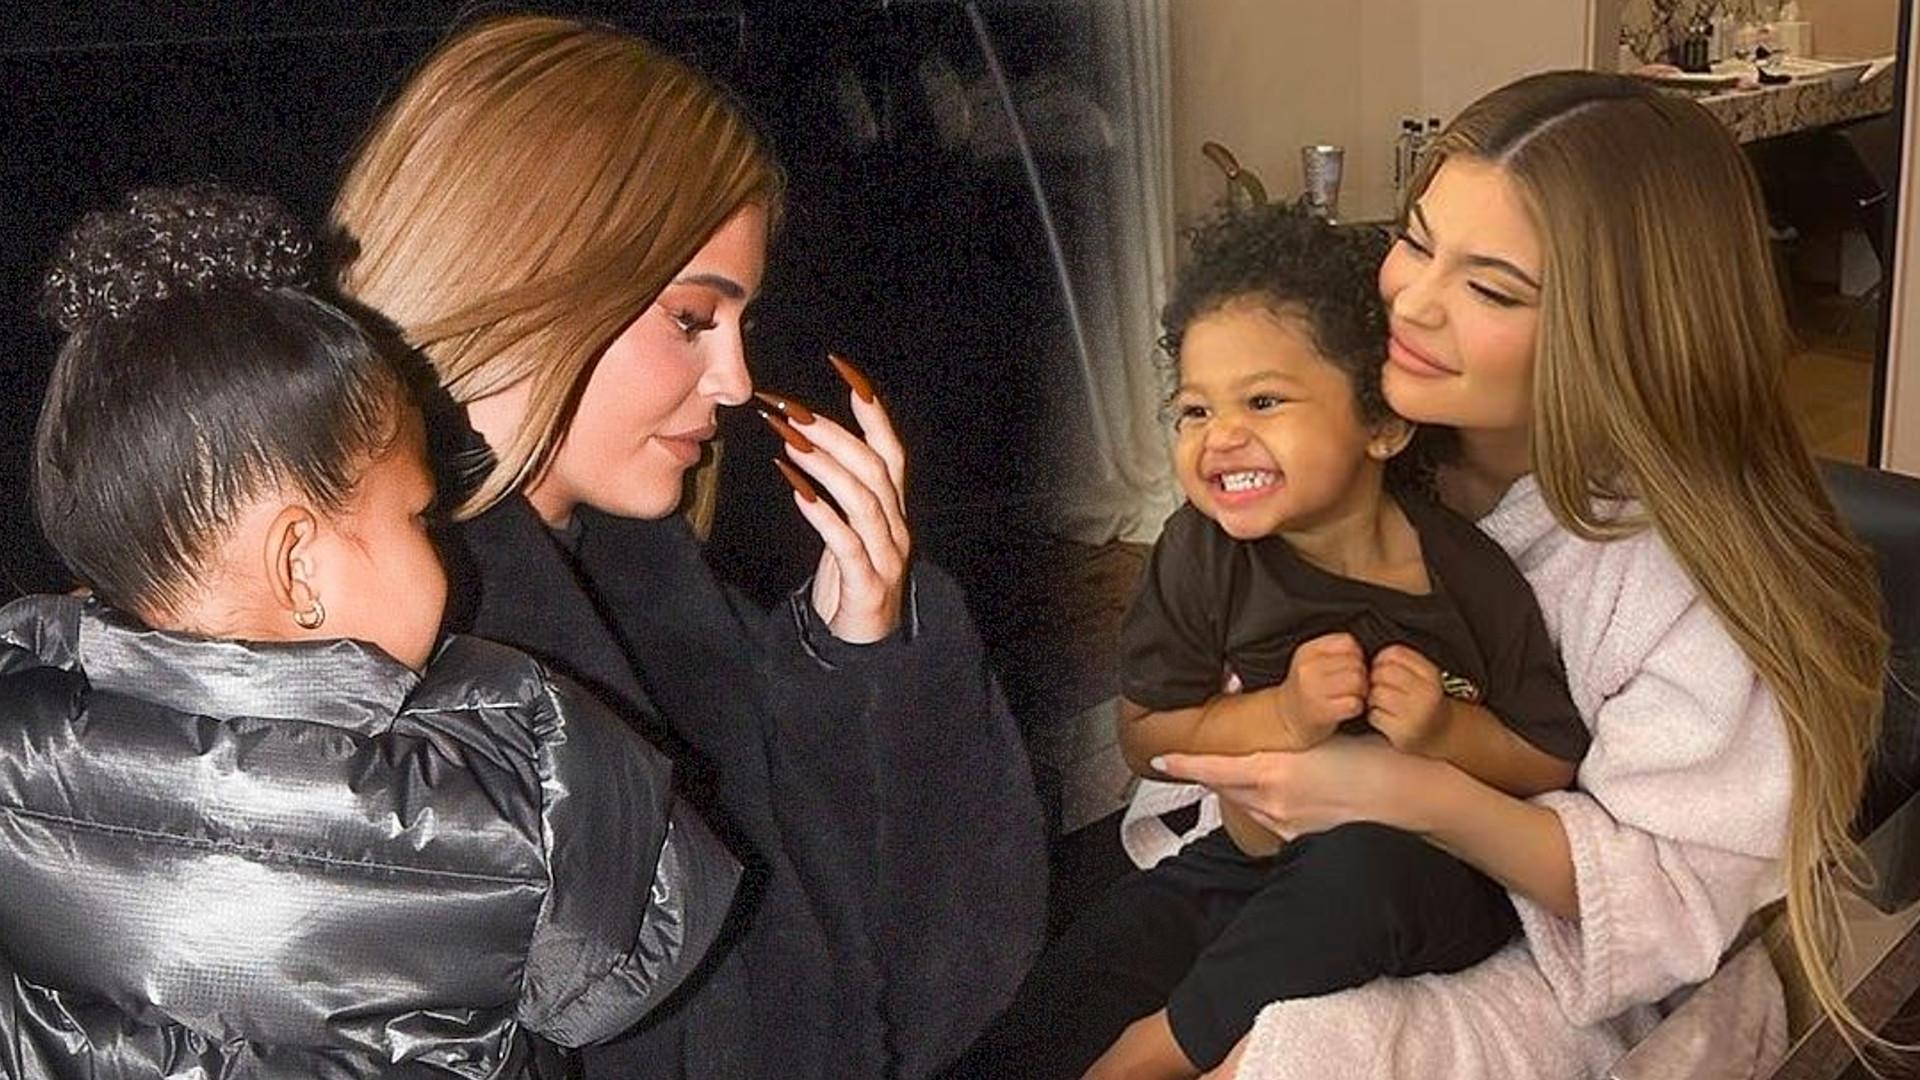 Jak słodko! Kylie Jenner nagrała tańczącą córeczkę. Przy okazji widzimy jej luksusowe wnętrza